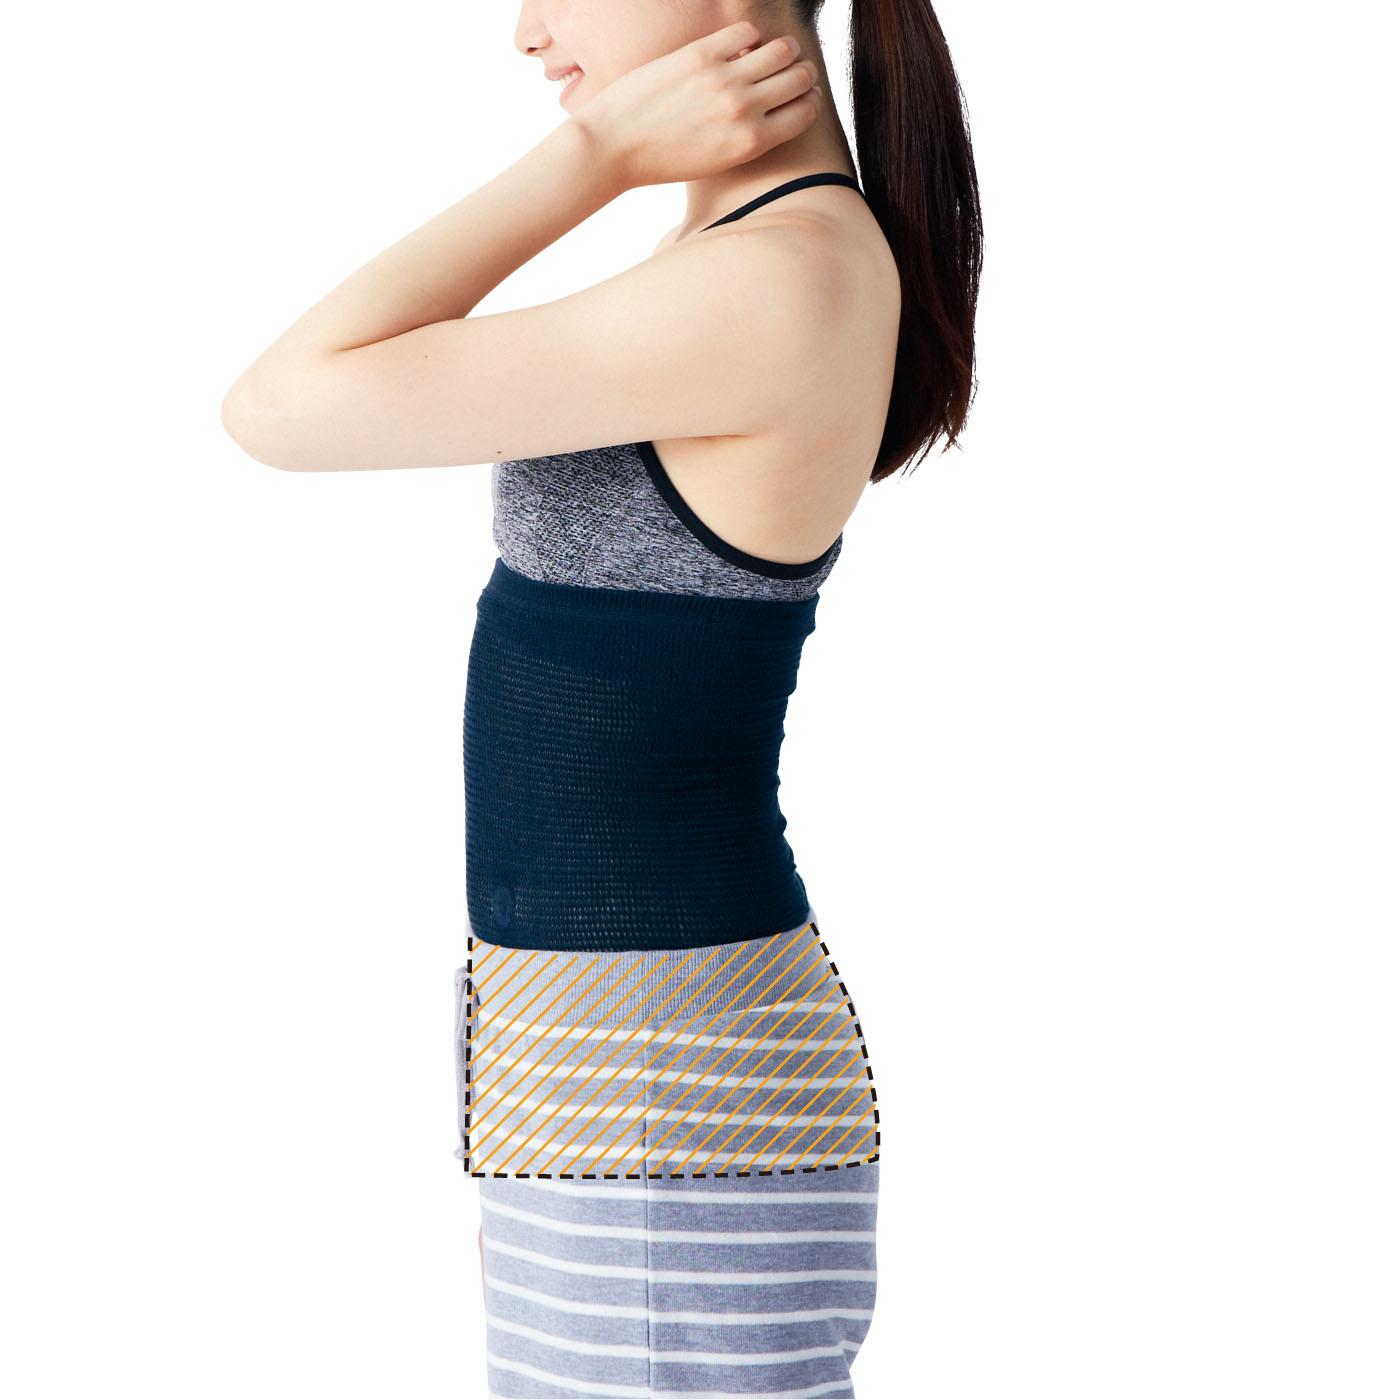 「ガチガチ腰の血行改善! 磁気腹巻きの会(CN-476-809)」と合わせ使いがおすすめです。